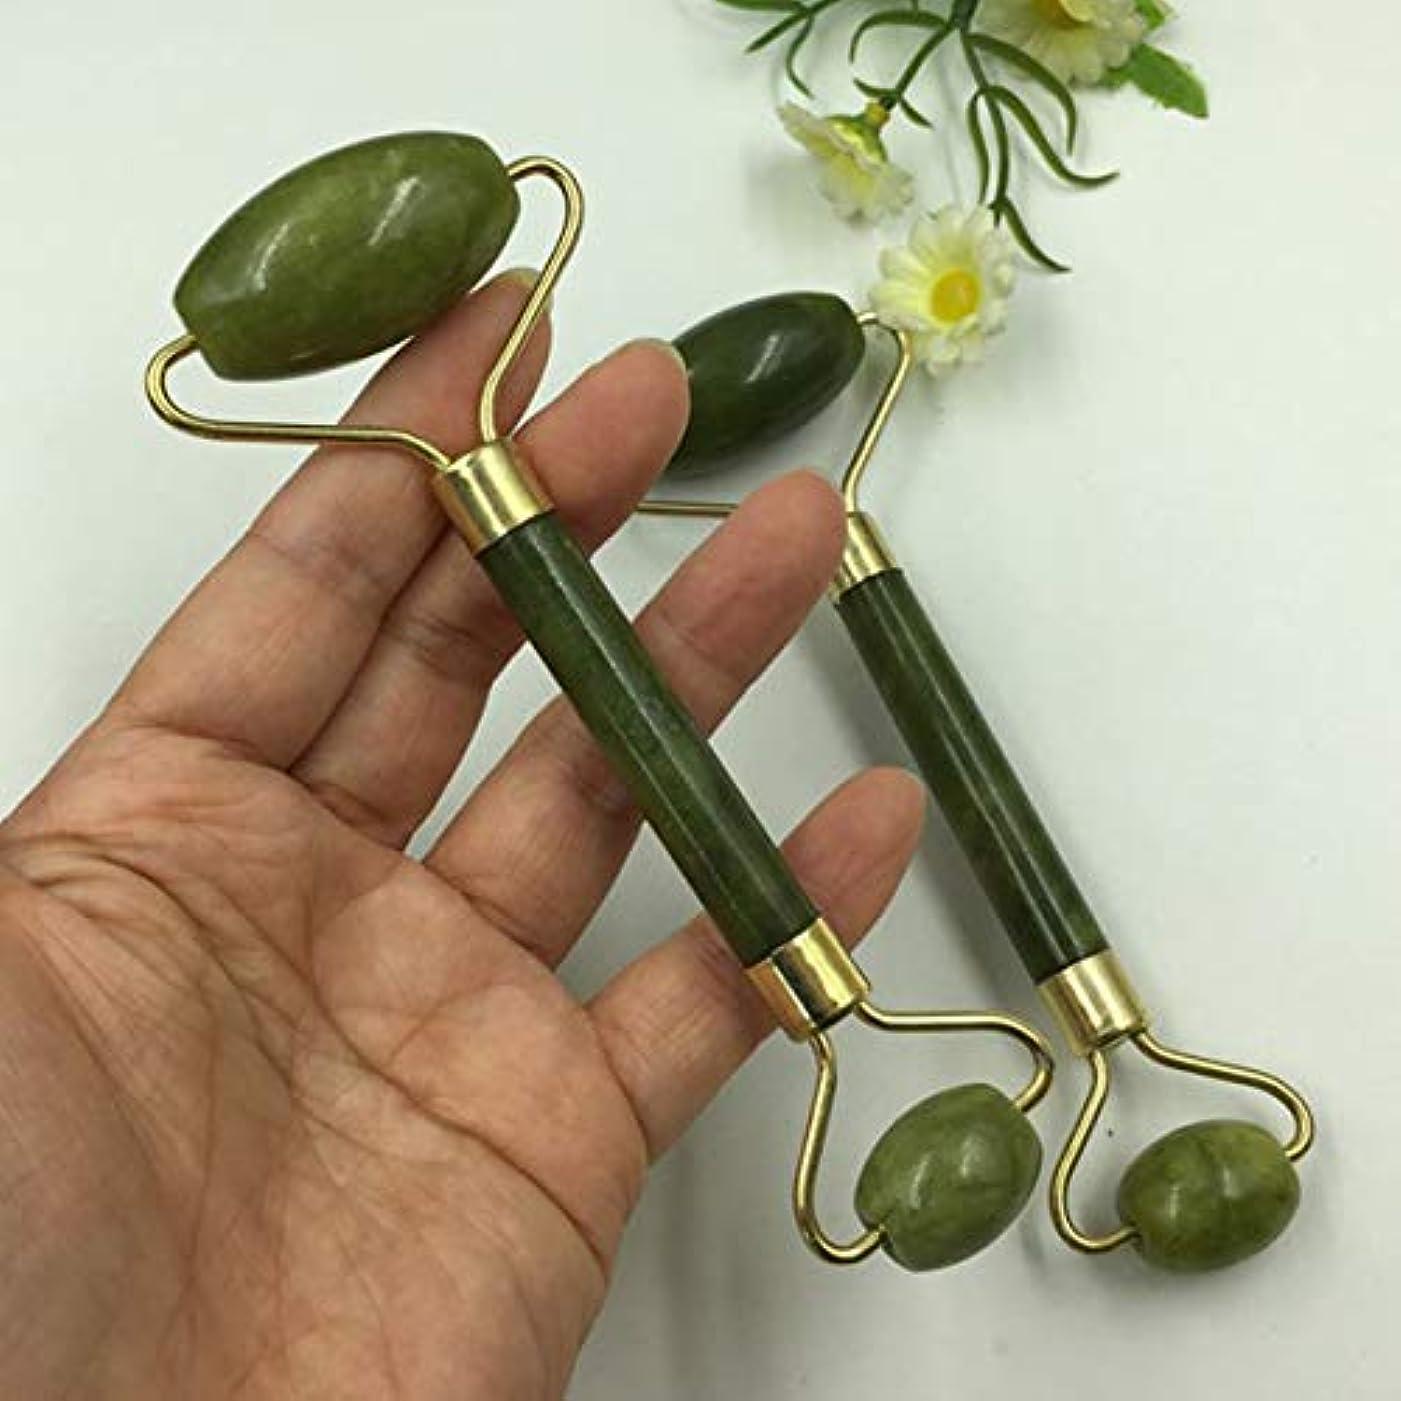 軽く契約するジャングルJade Roller Massager Natural Serpentine Jade Massage Wand Face Massager Roller Beauty Bar Healing Stone